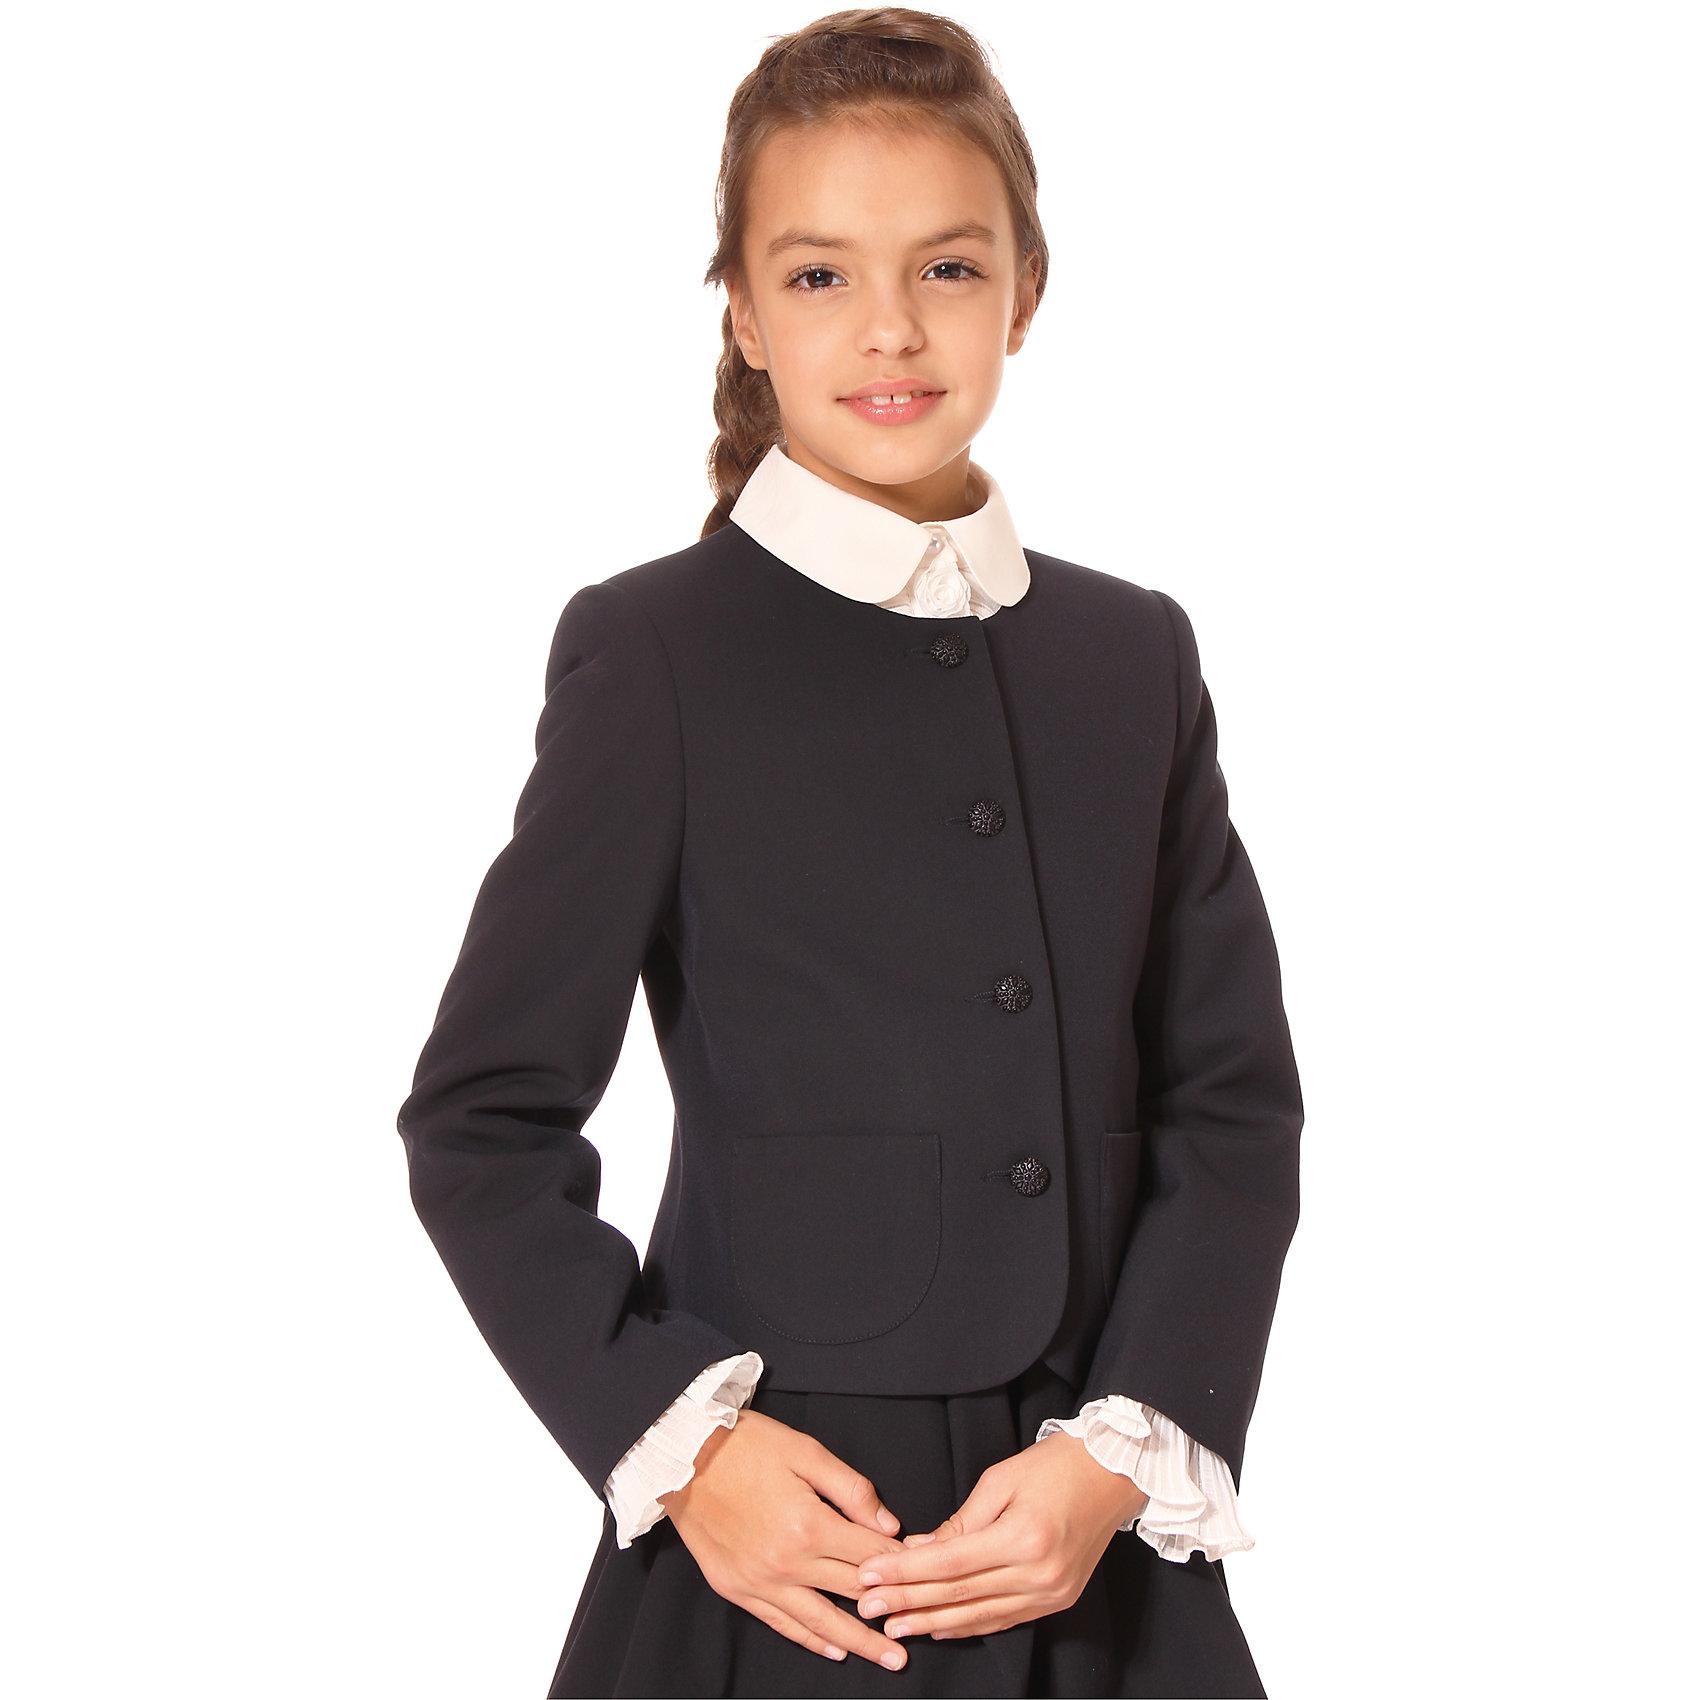 Жакет для девочки СменаПиджаки и костюмы<br>Жакет для девочки от российской марки Смена.<br>Универсальный и удобный жакет для девочки с длинными рукавами и накладными карманами.<br>Состав:<br>30% вискоза, 65% полиэстер, 5% эластан<br><br>Ширина мм: 190<br>Глубина мм: 74<br>Высота мм: 229<br>Вес г: 236<br>Цвет: синий<br>Возраст от месяцев: 108<br>Возраст до месяцев: 120<br>Пол: Женский<br>Возраст: Детский<br>Размер: 140,152,134,122,128,158,146<br>SKU: 4177360